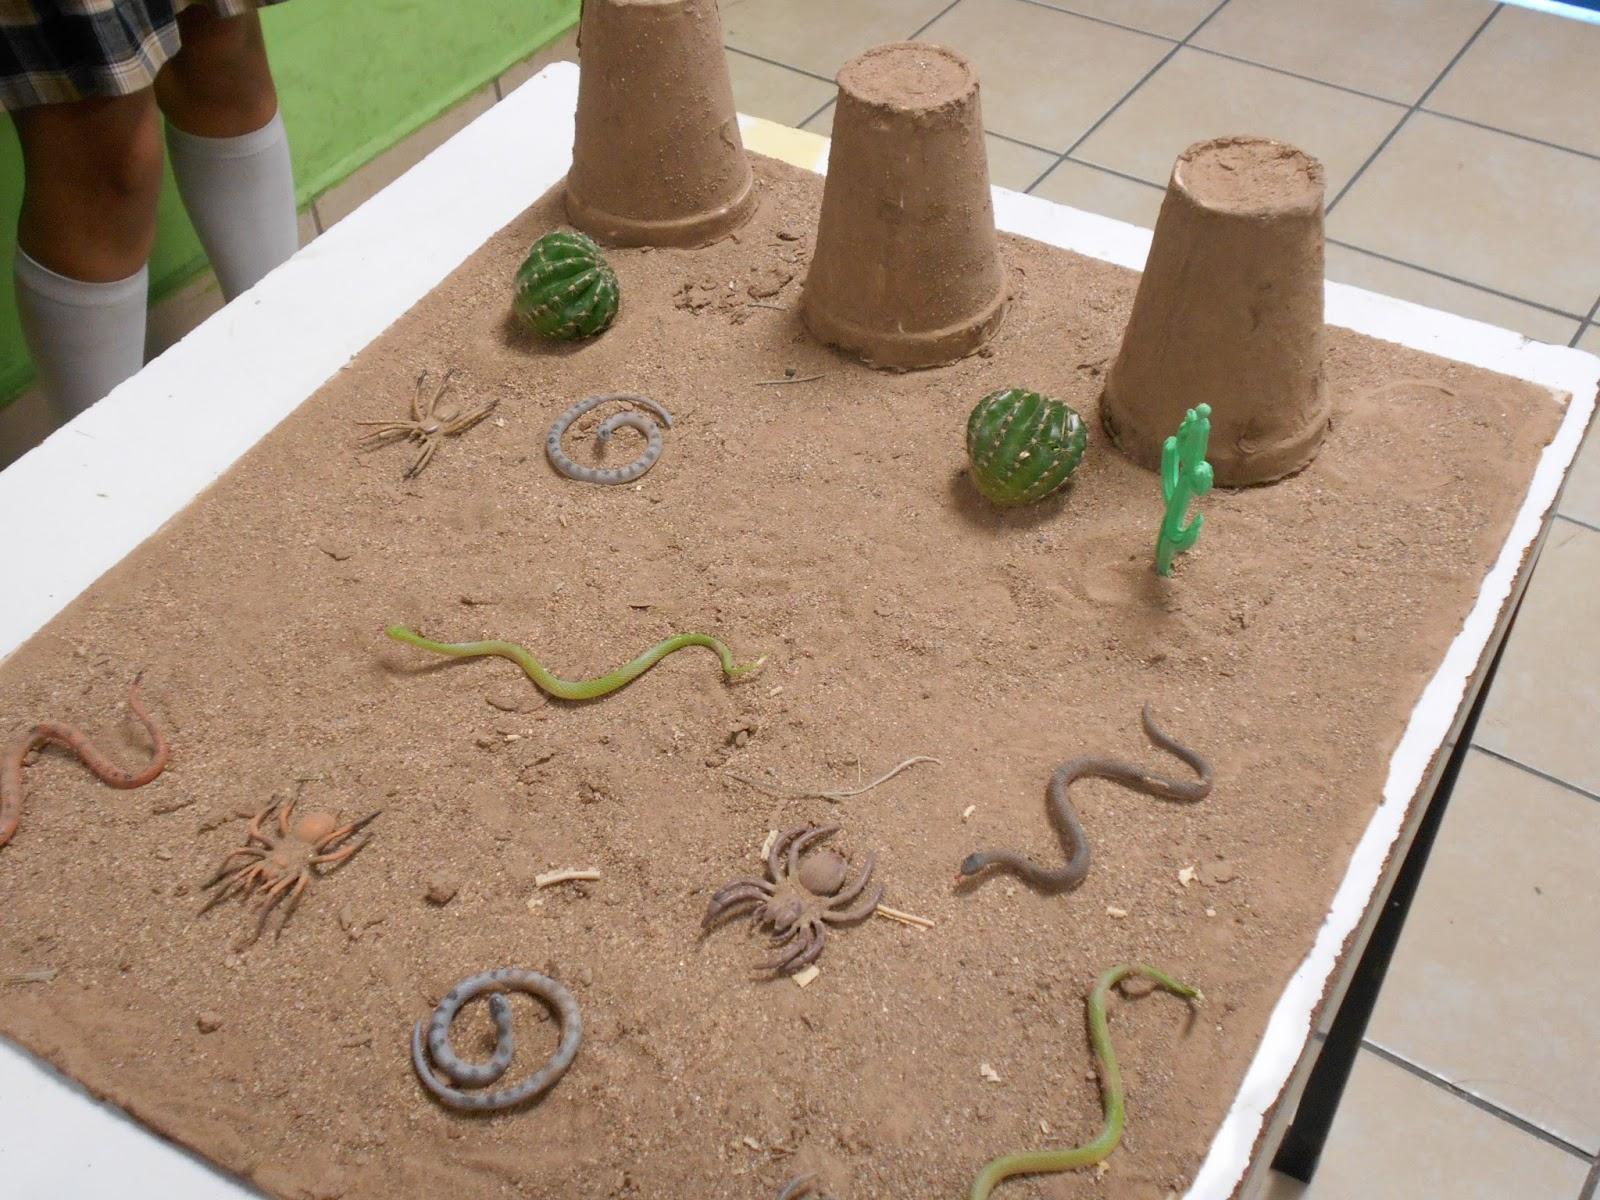 Como Hacer Maqueta Del Desierto Como Hacer Una Maqueta Del Desierto Youtube Como Hacer Un